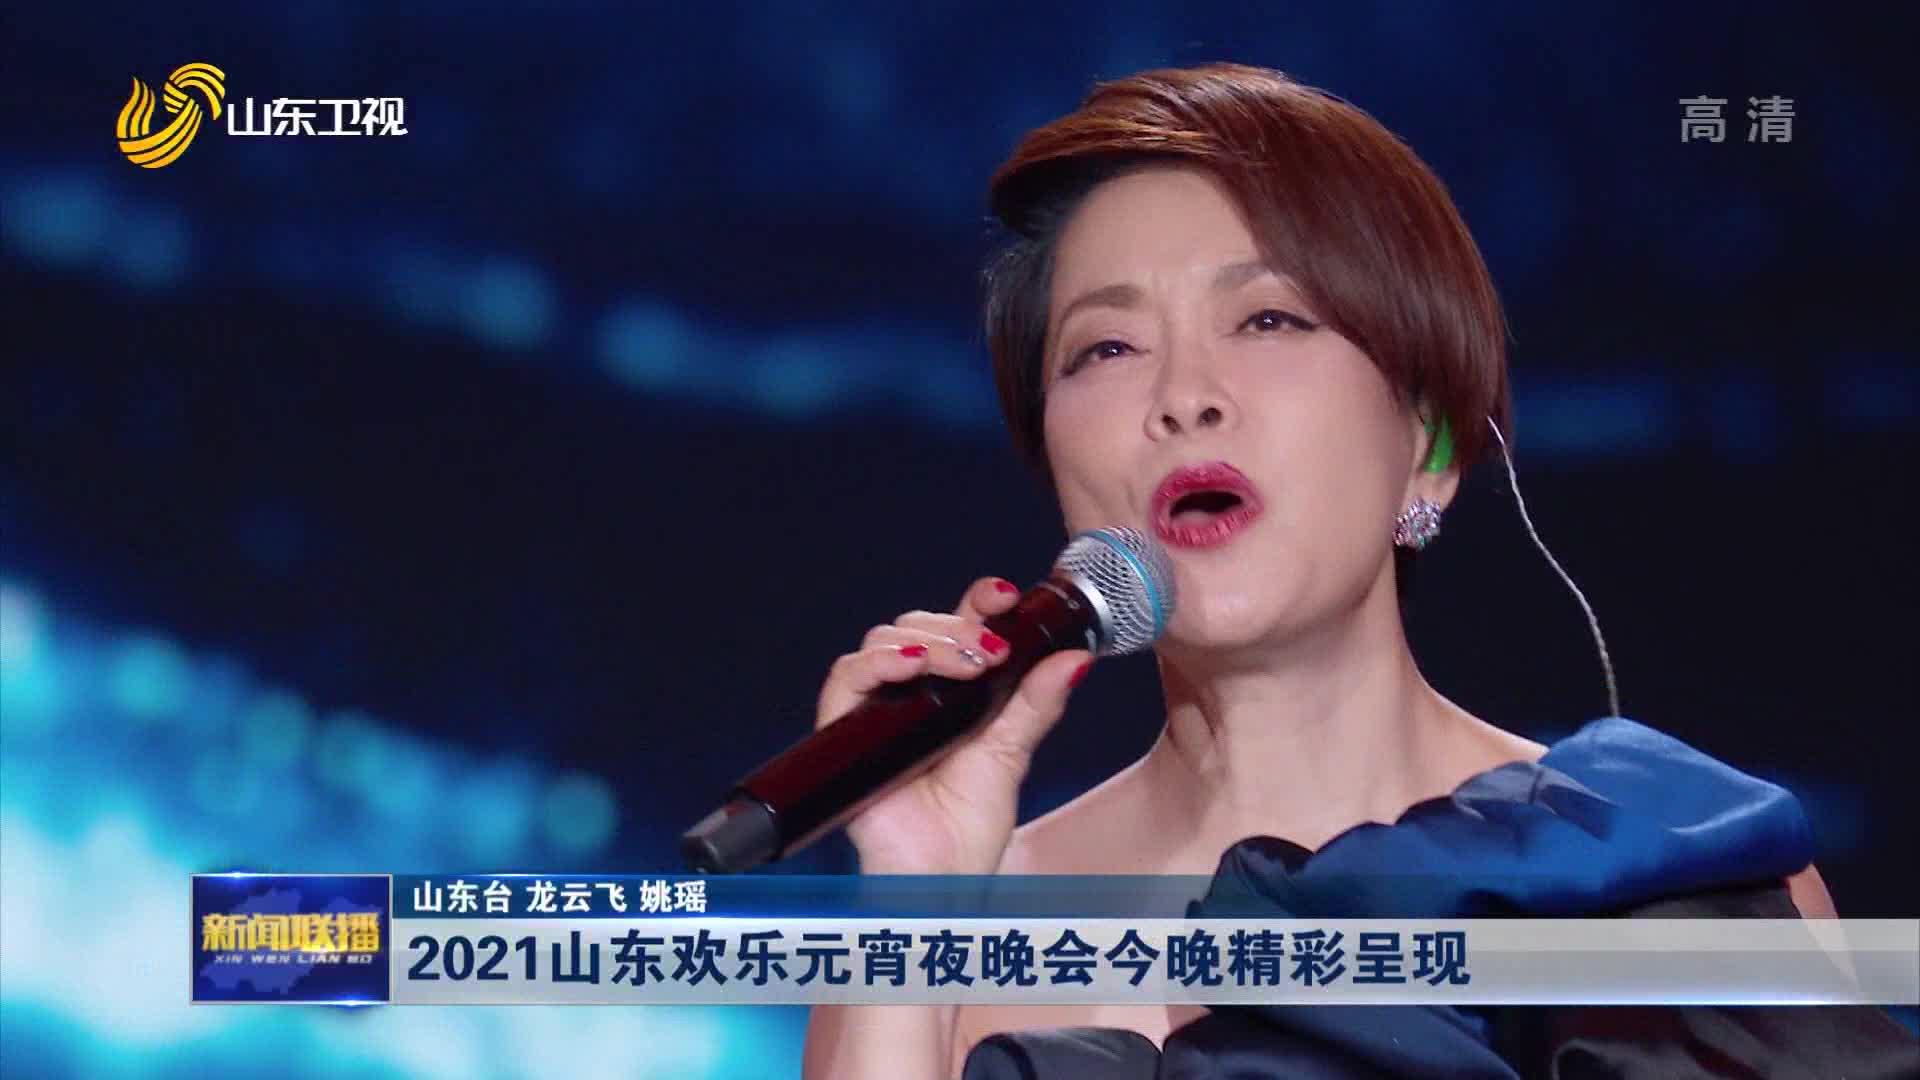 2021山东欢乐元宵夜晚会今晚精彩呈现